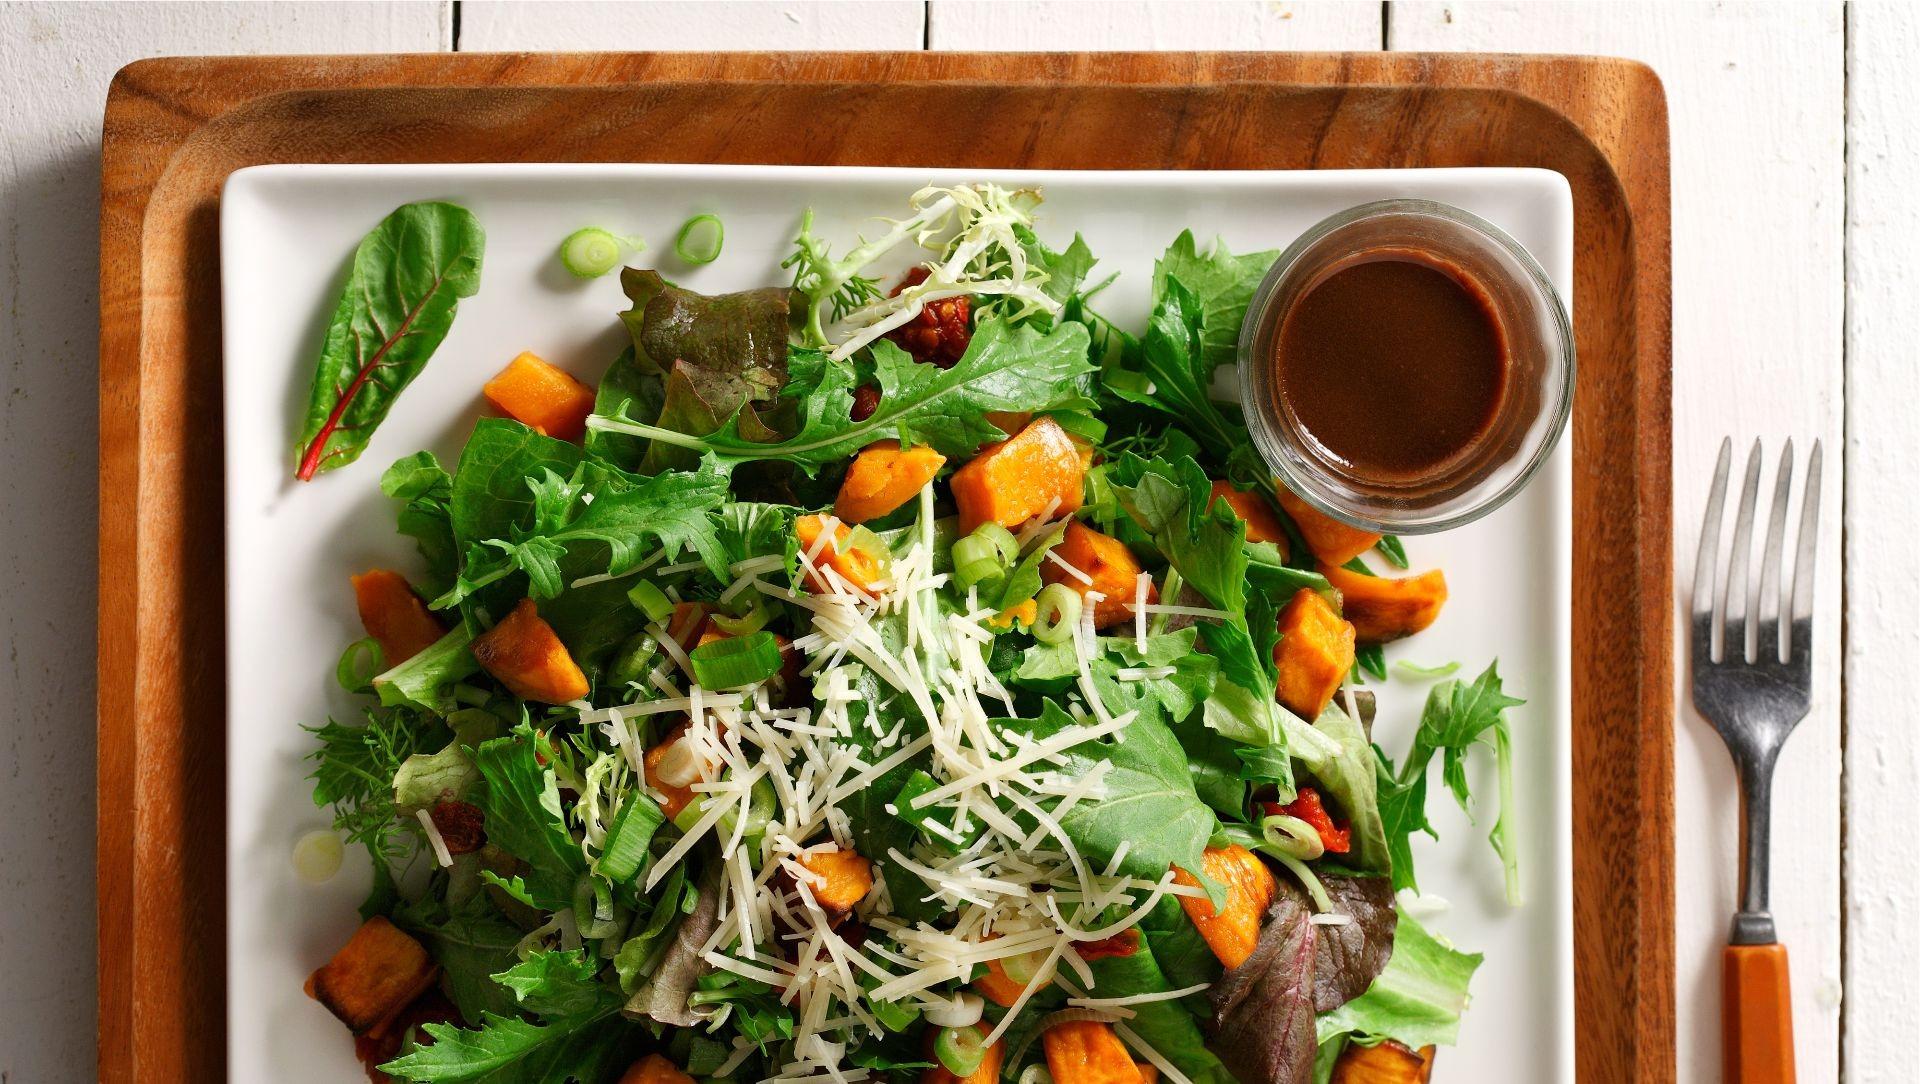 Salade tiède de patates douces, tomates séchées et roquette sur un plat blanc carré.